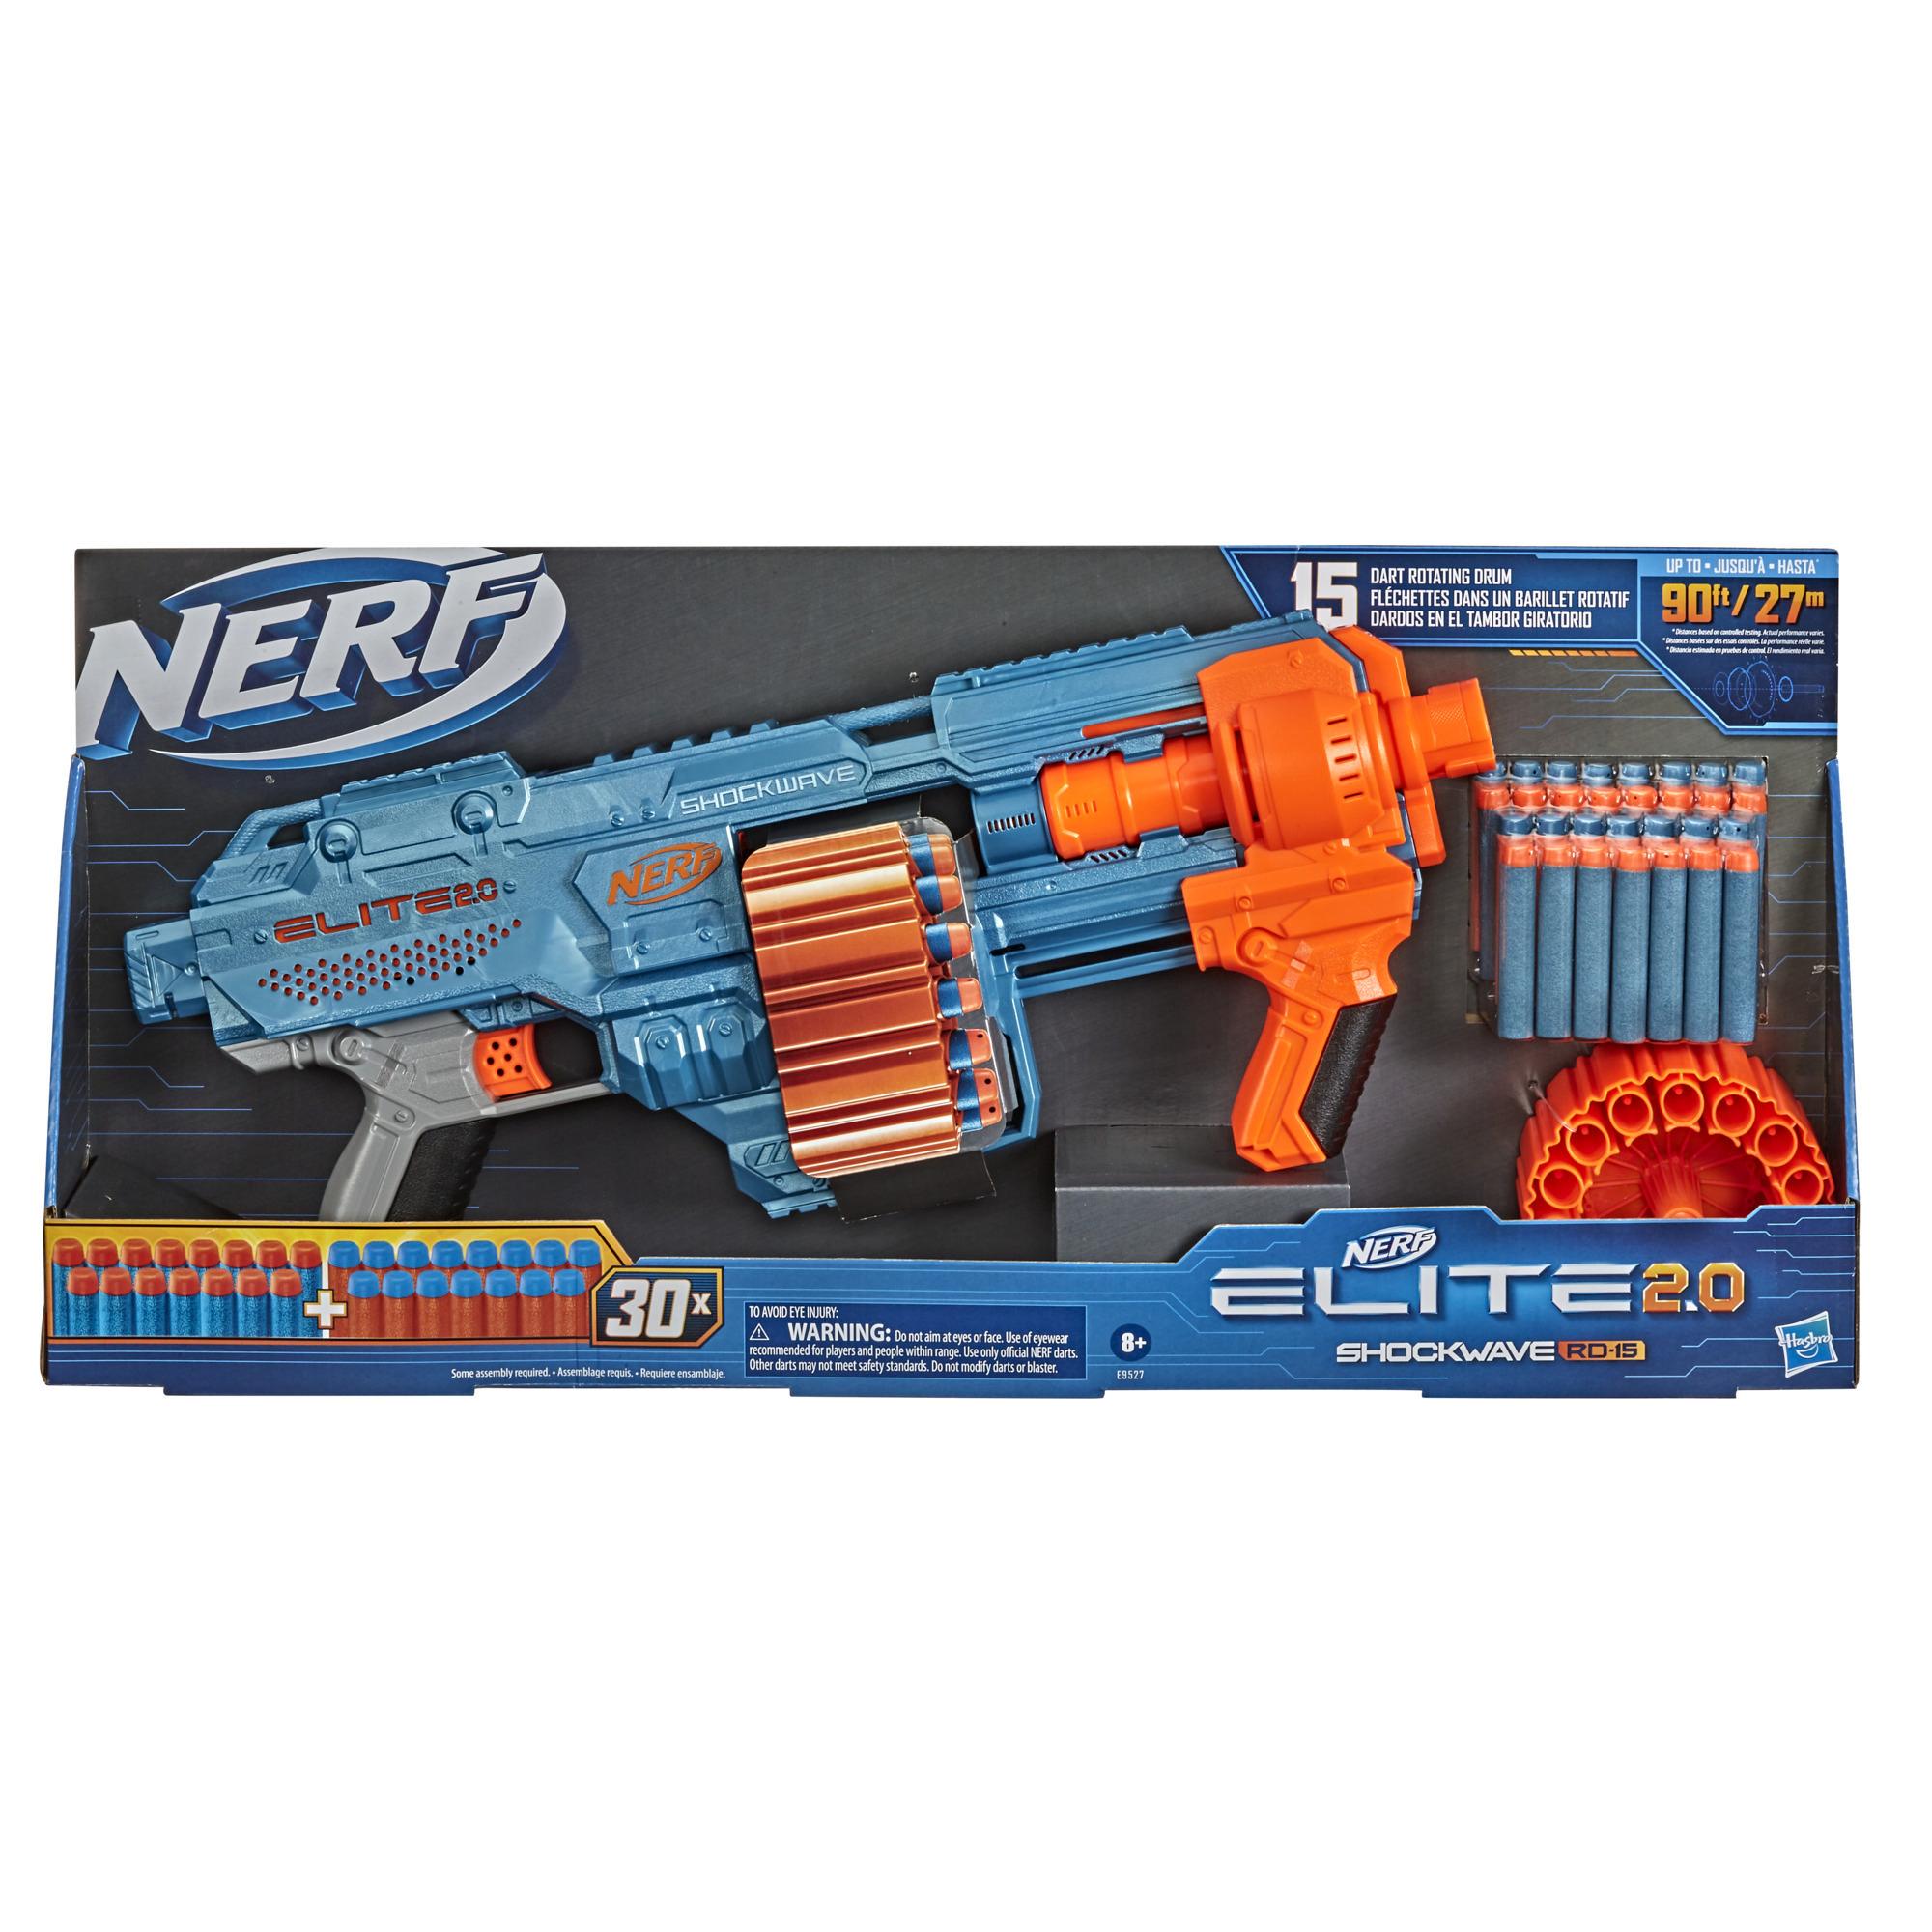 Nerf Elite 2.0 Shockwave RD-15 Blaster, 30 Nerf-nuolta, 15-nuolinen pyörivä rumpu, pikalaukaisu, räätälöintimahdollisuus